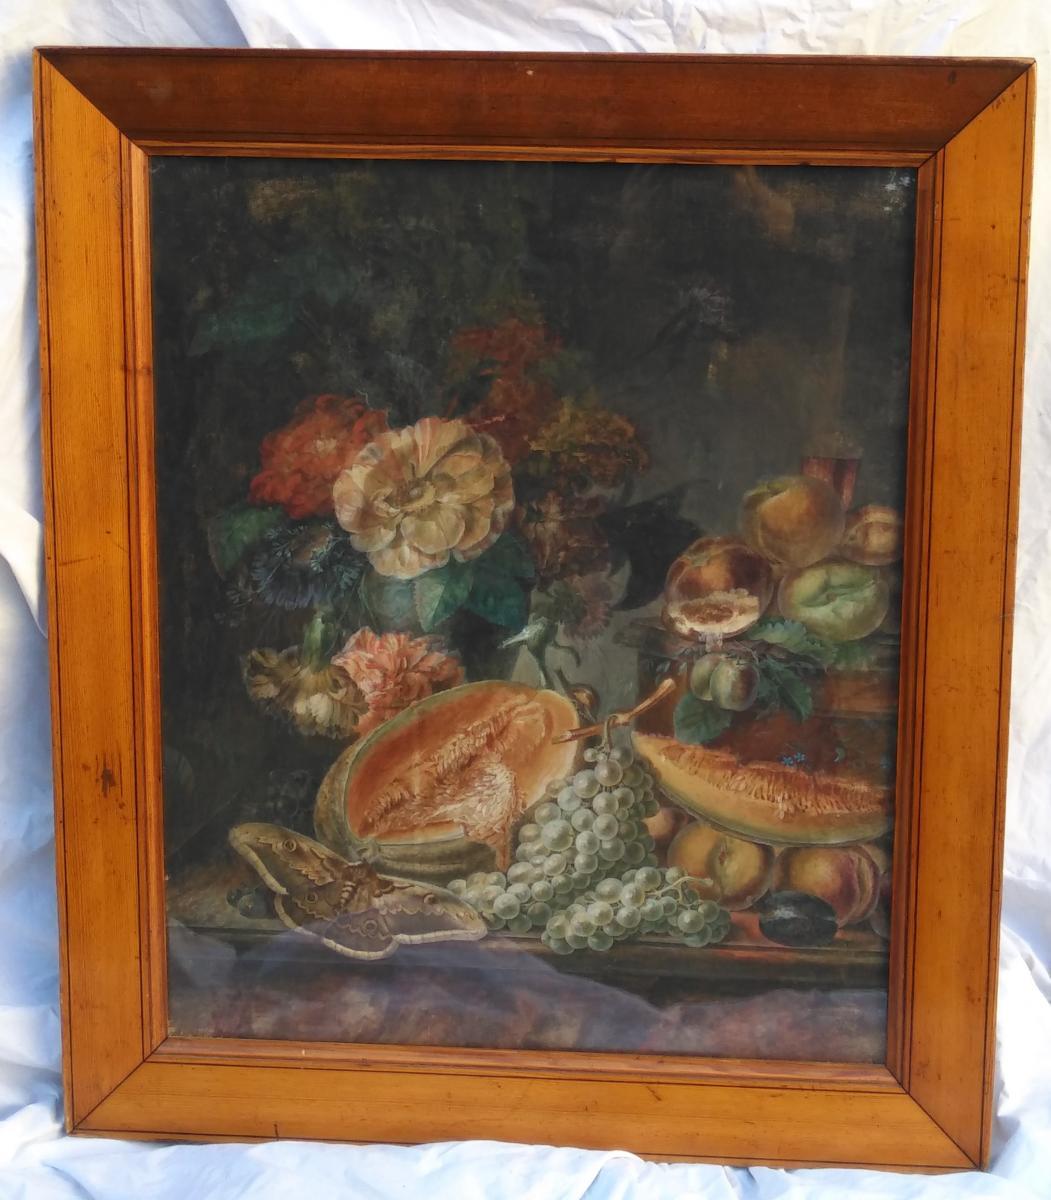 Paire De Natures-mortes d'Anne Brettingham De Carle, XVIIIe siècle-photo-4